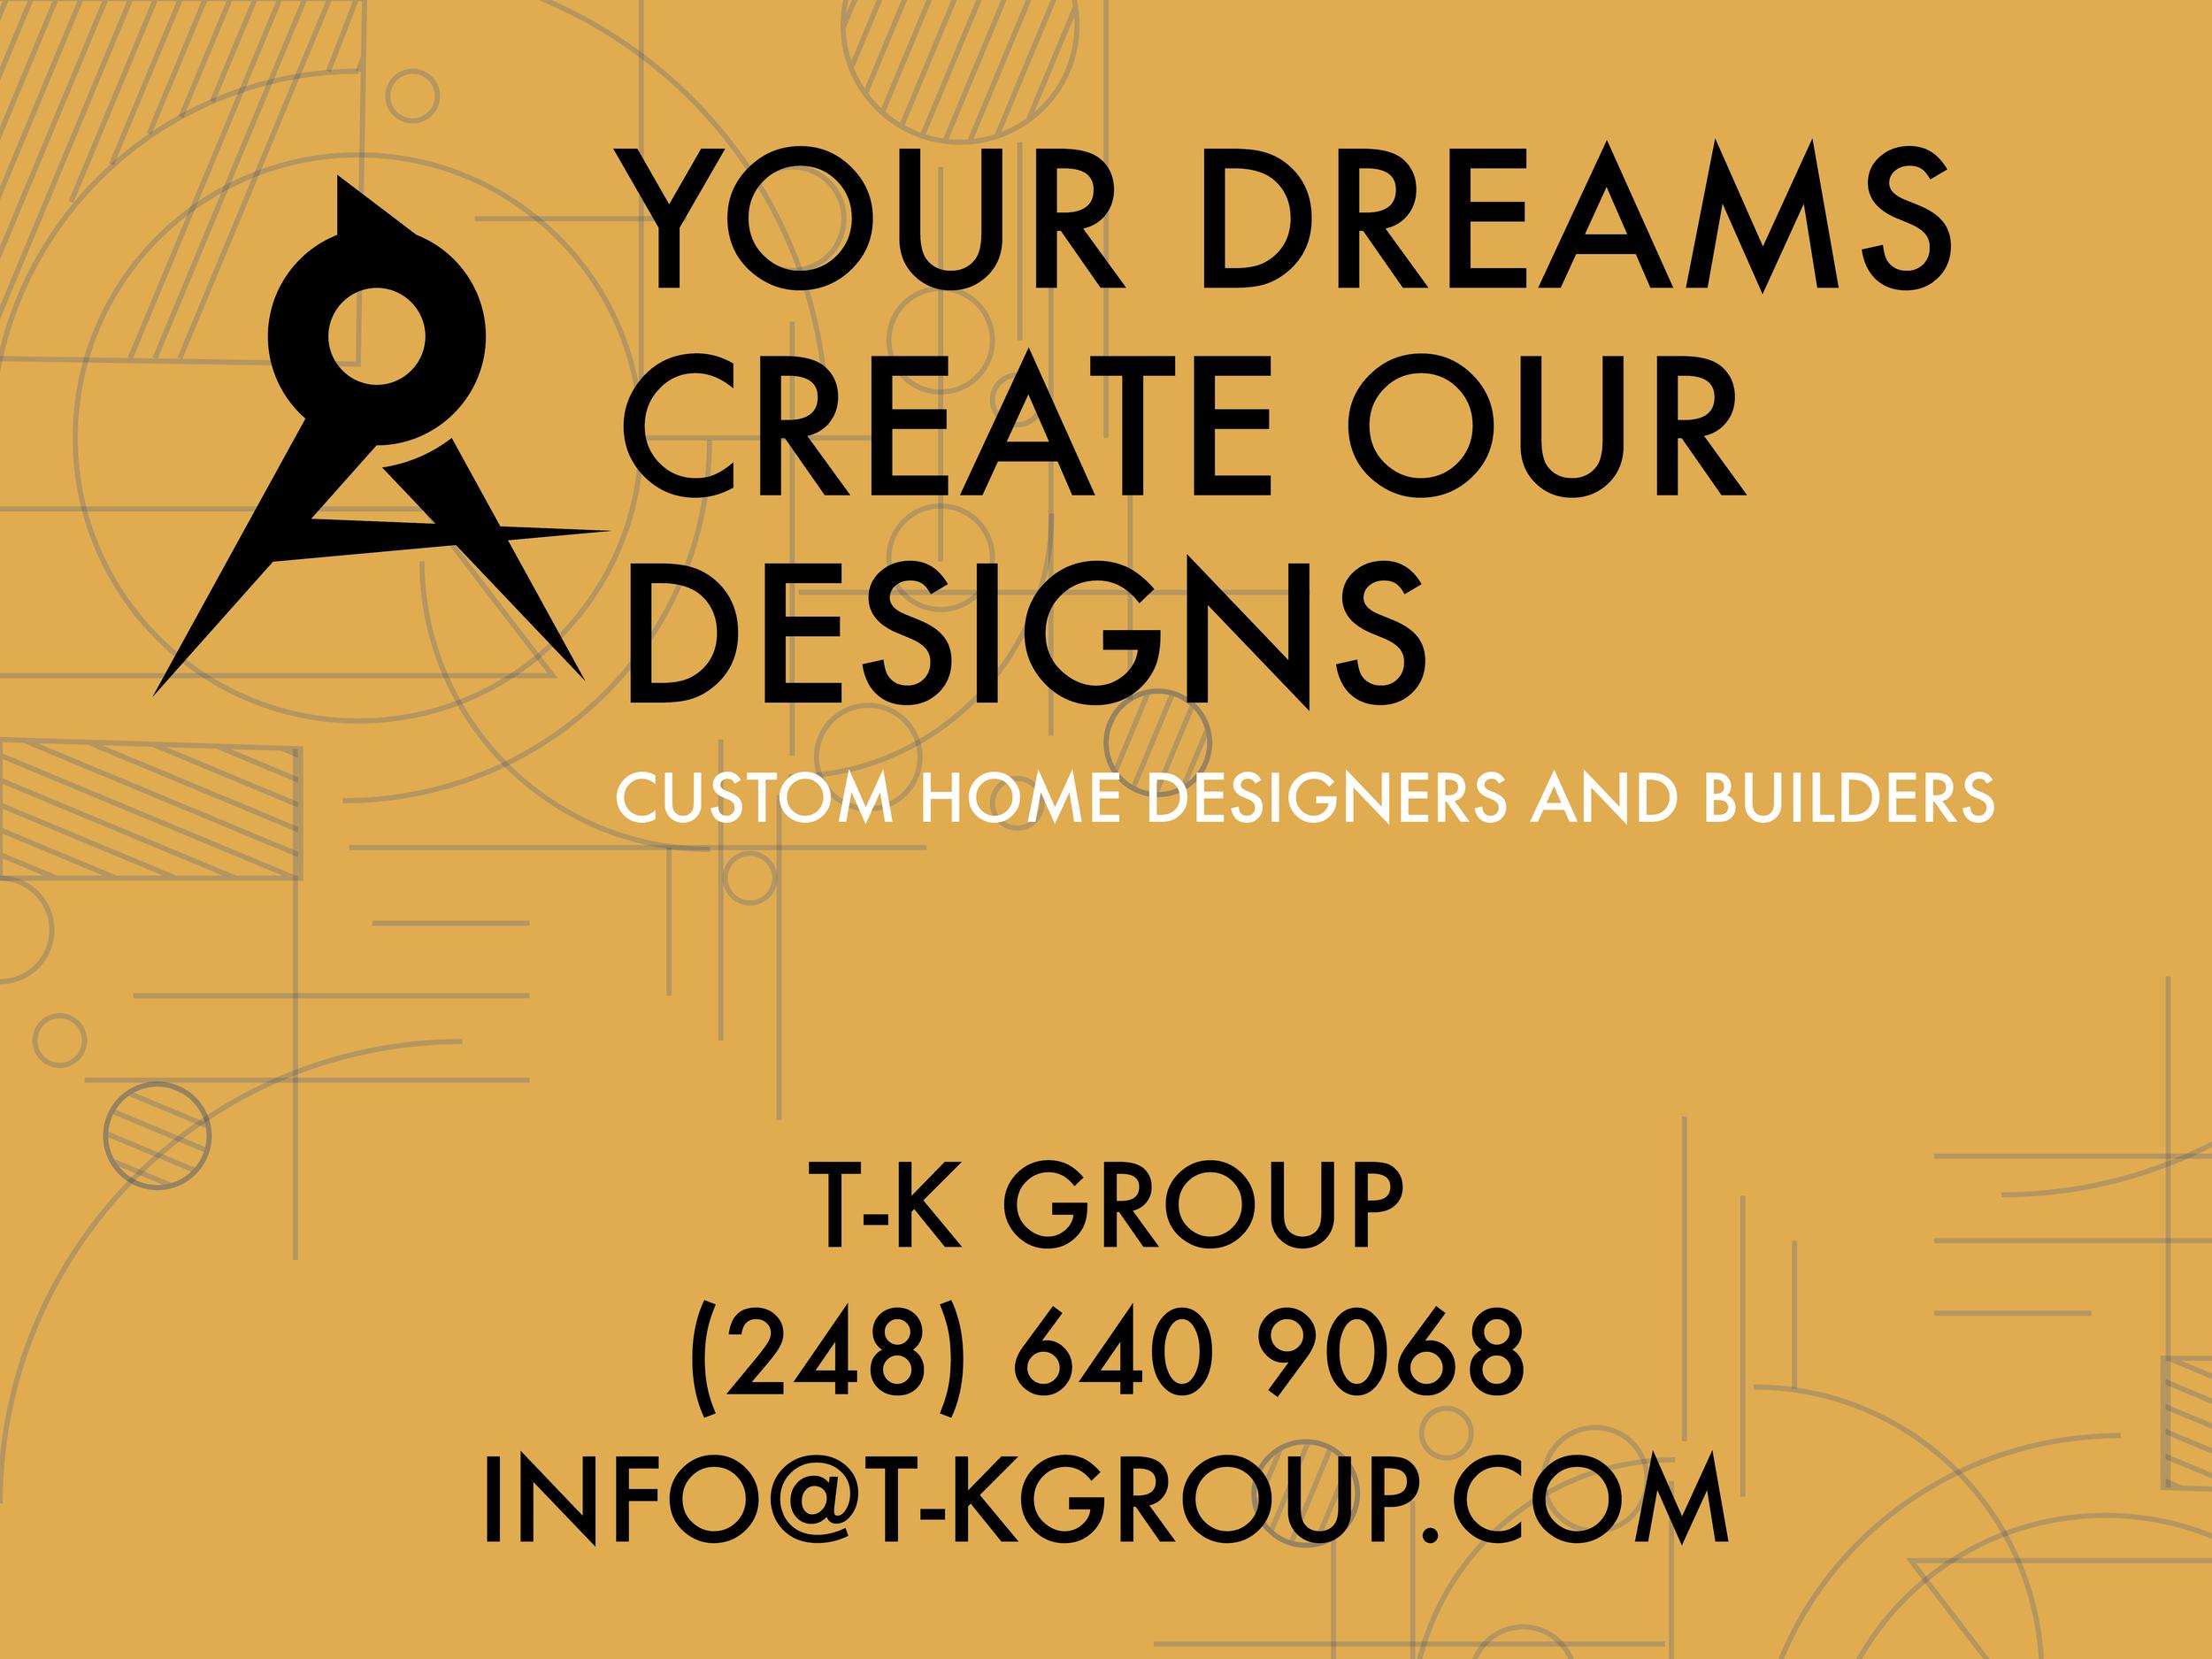 T-K Group Custom Homes